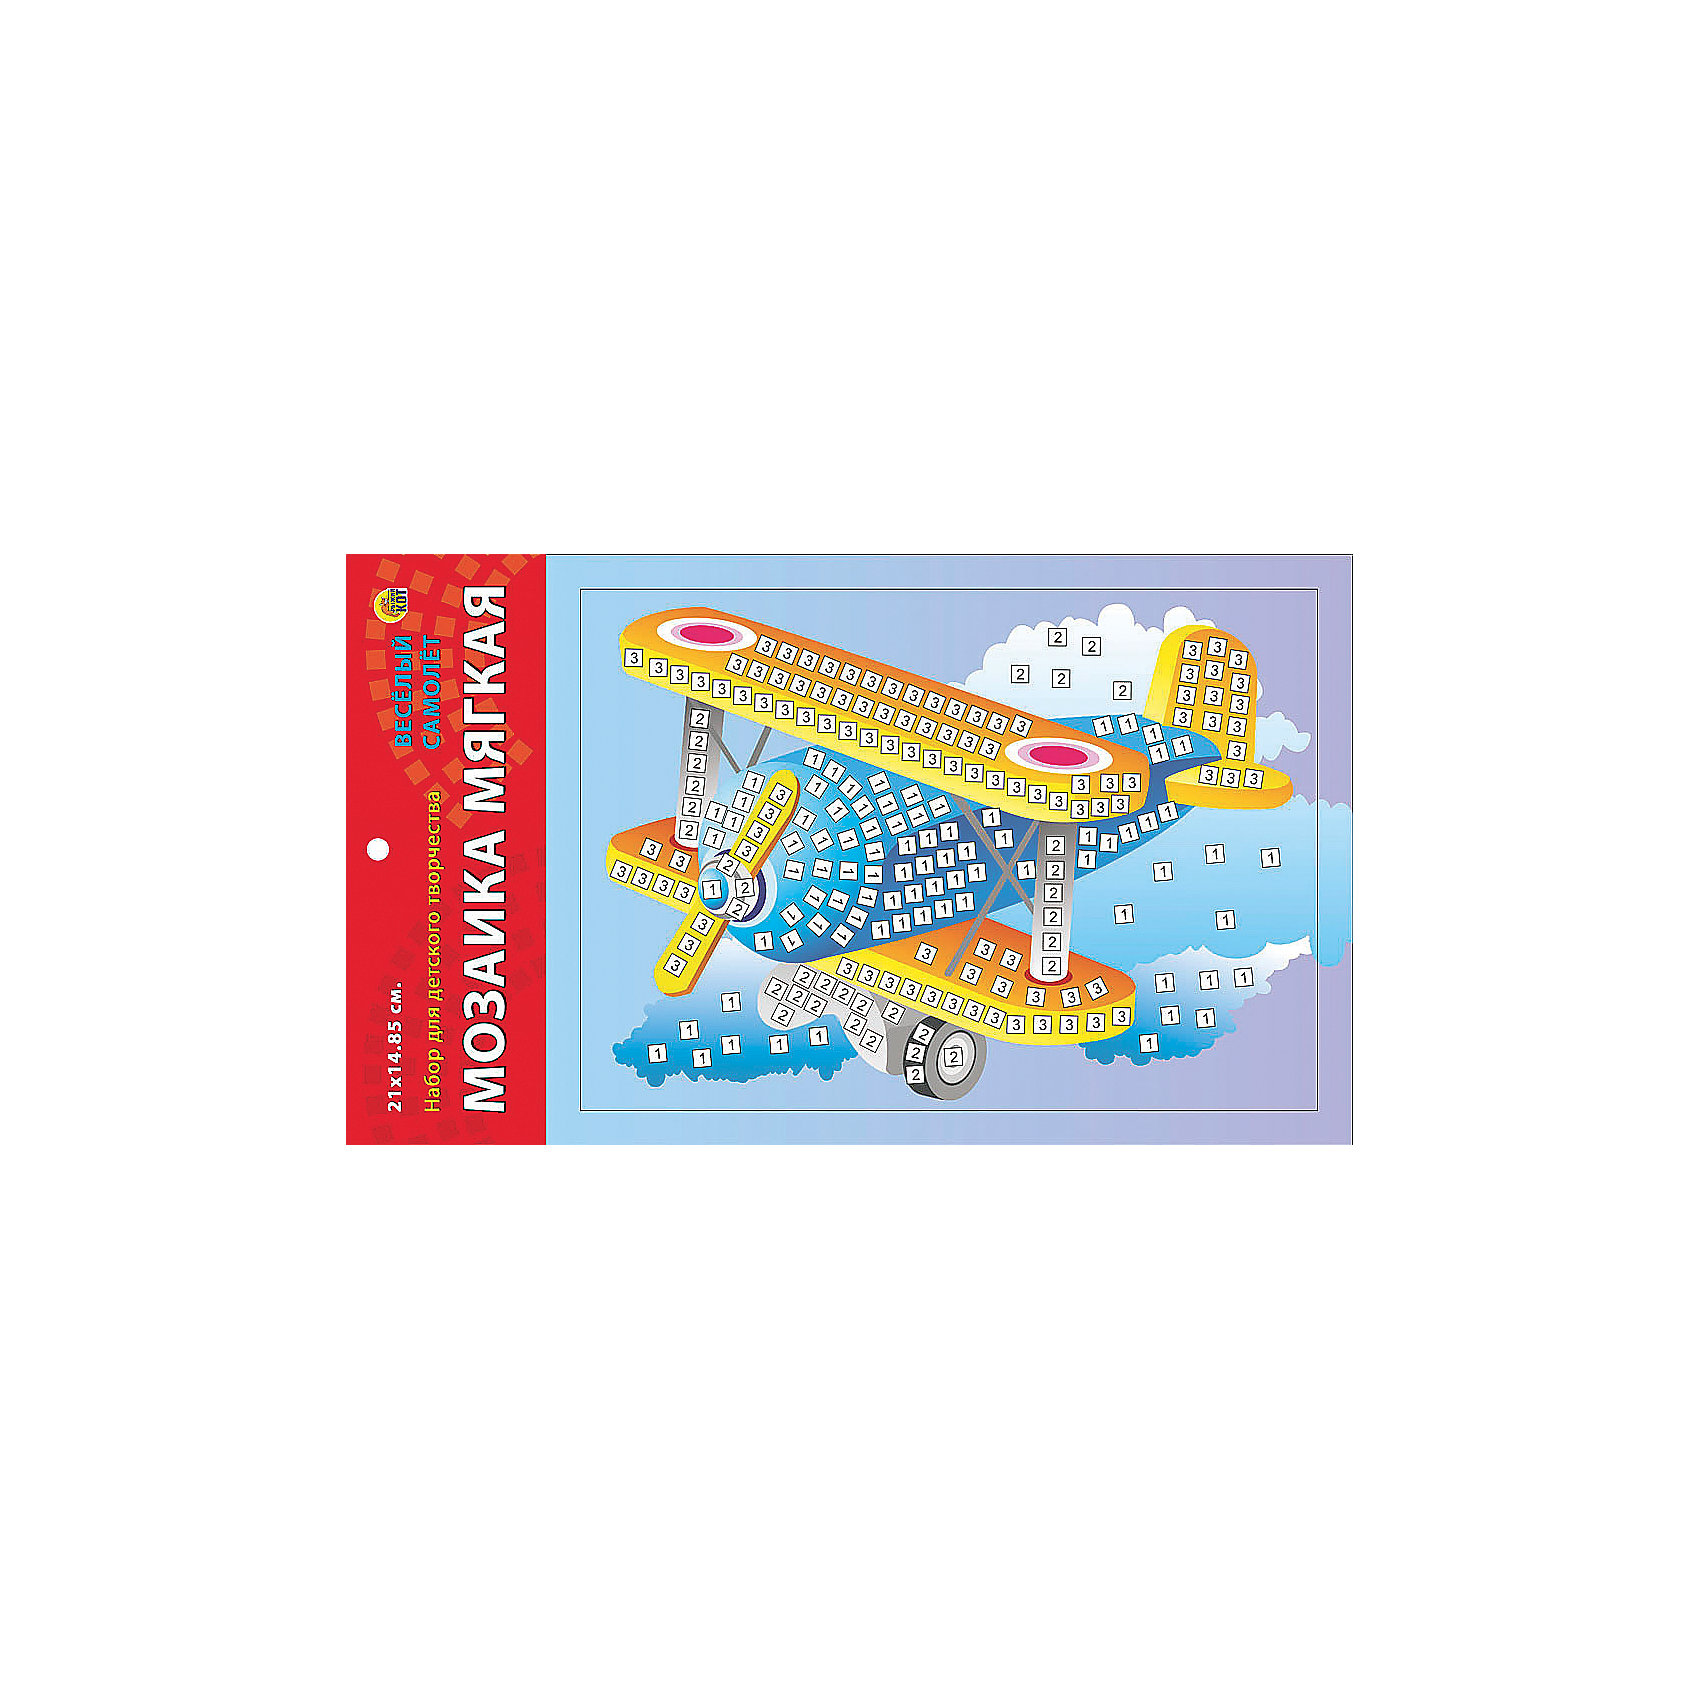 Издательство Рыжий кот Мягкая мозаика Веселый самолет формат А5 (21х15 см) издательство рыжий кот мягкая мозаика обезьянка формат а5 21х15 см